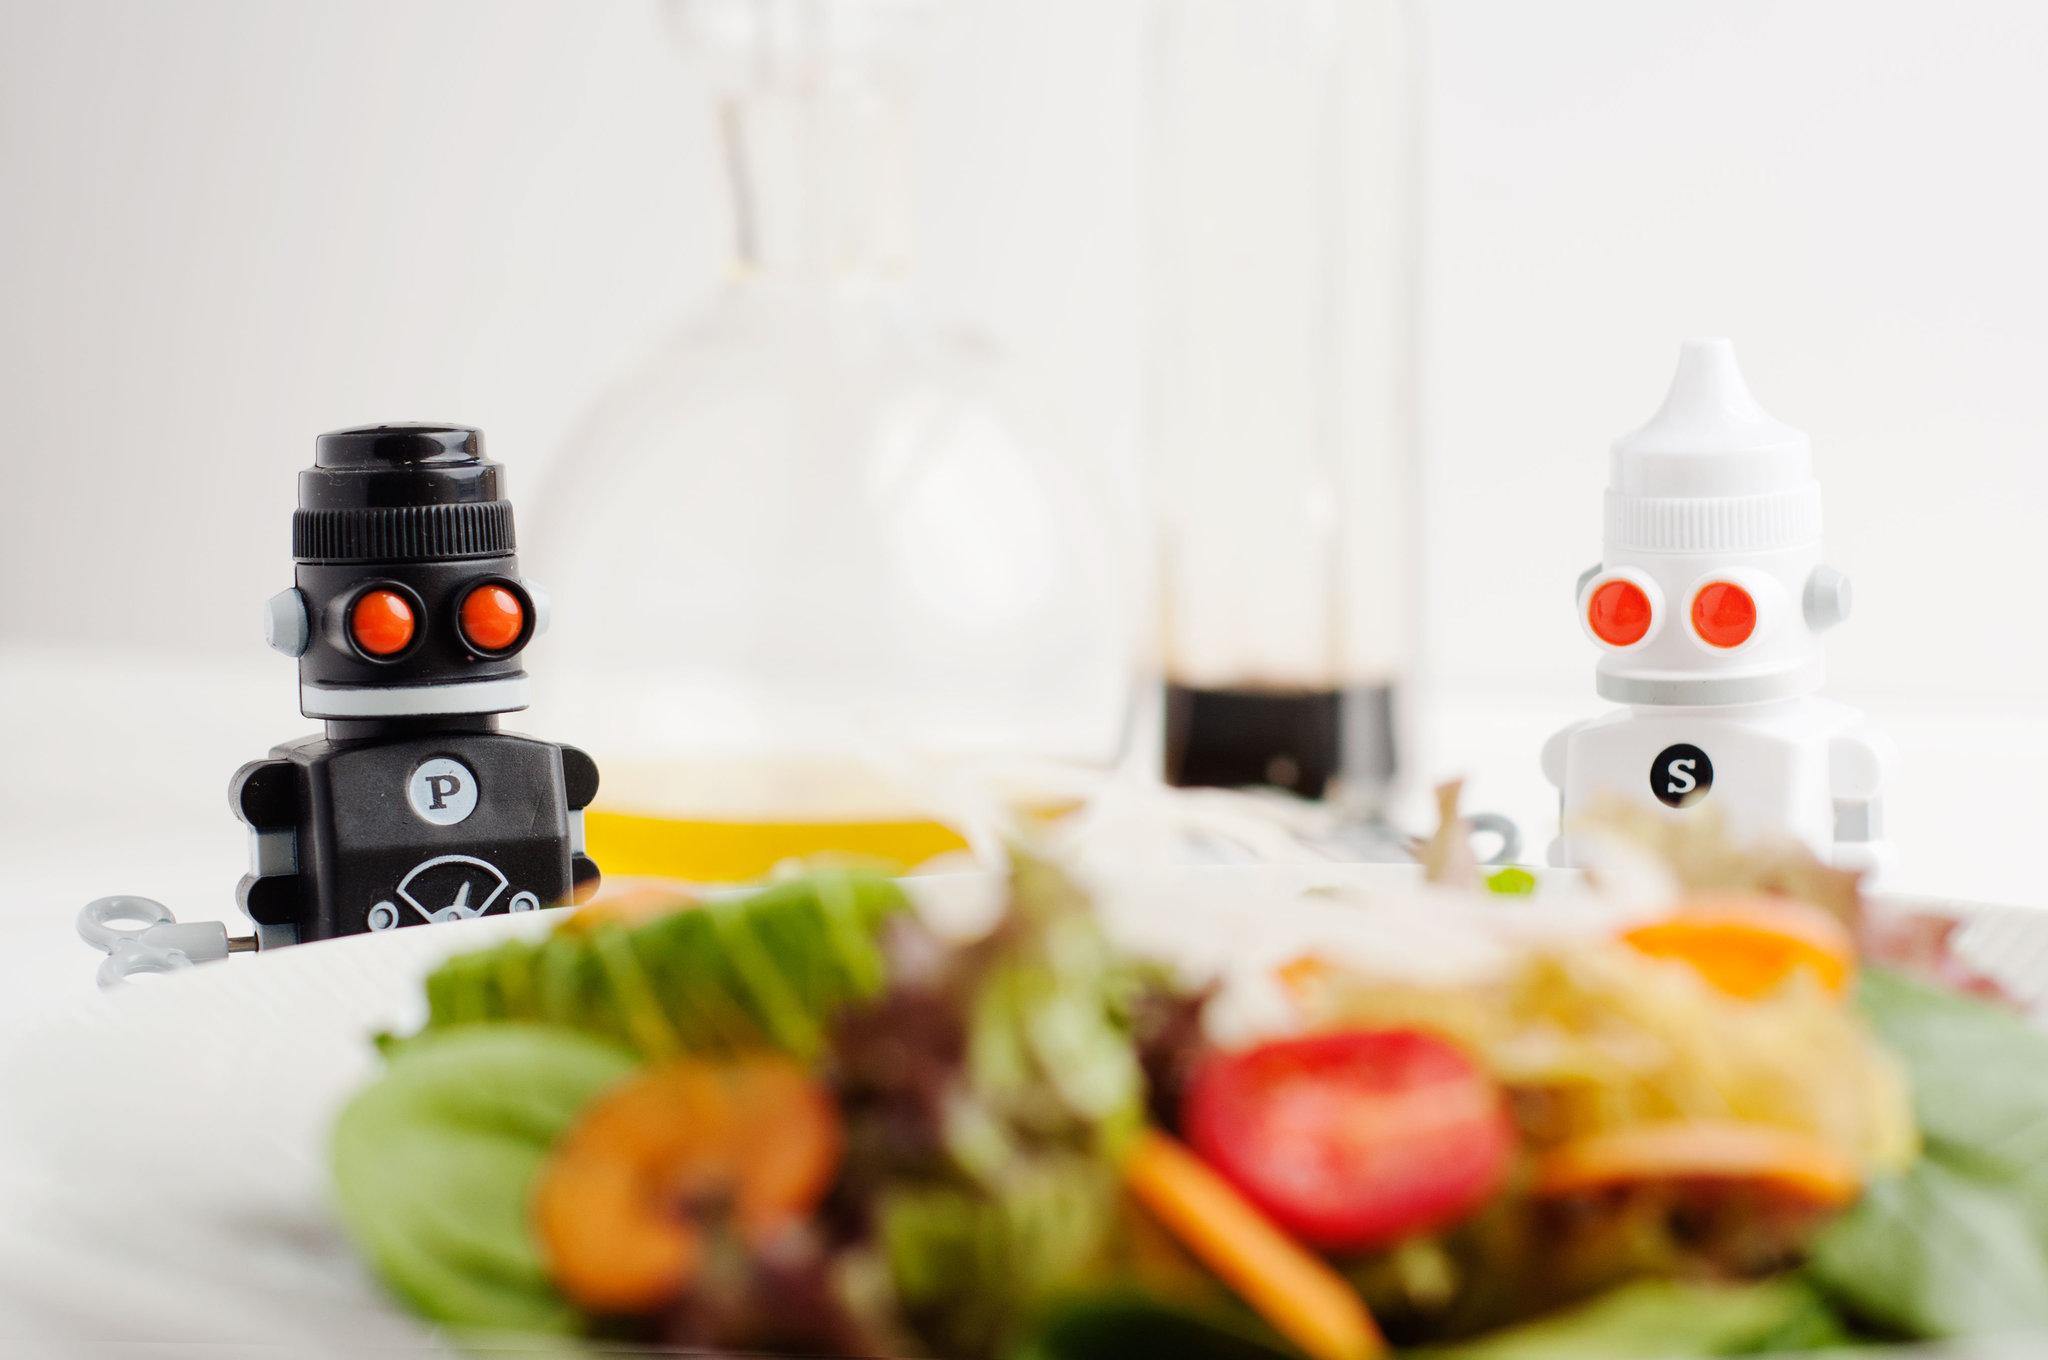 Набор солонка + перечница заводные роботы 'Bots Suck UK SK SAPBOT1 | Купить в Москве, СПб и с доставкой по всей России | Интернет магазин www.Kitchen-Devices.ru